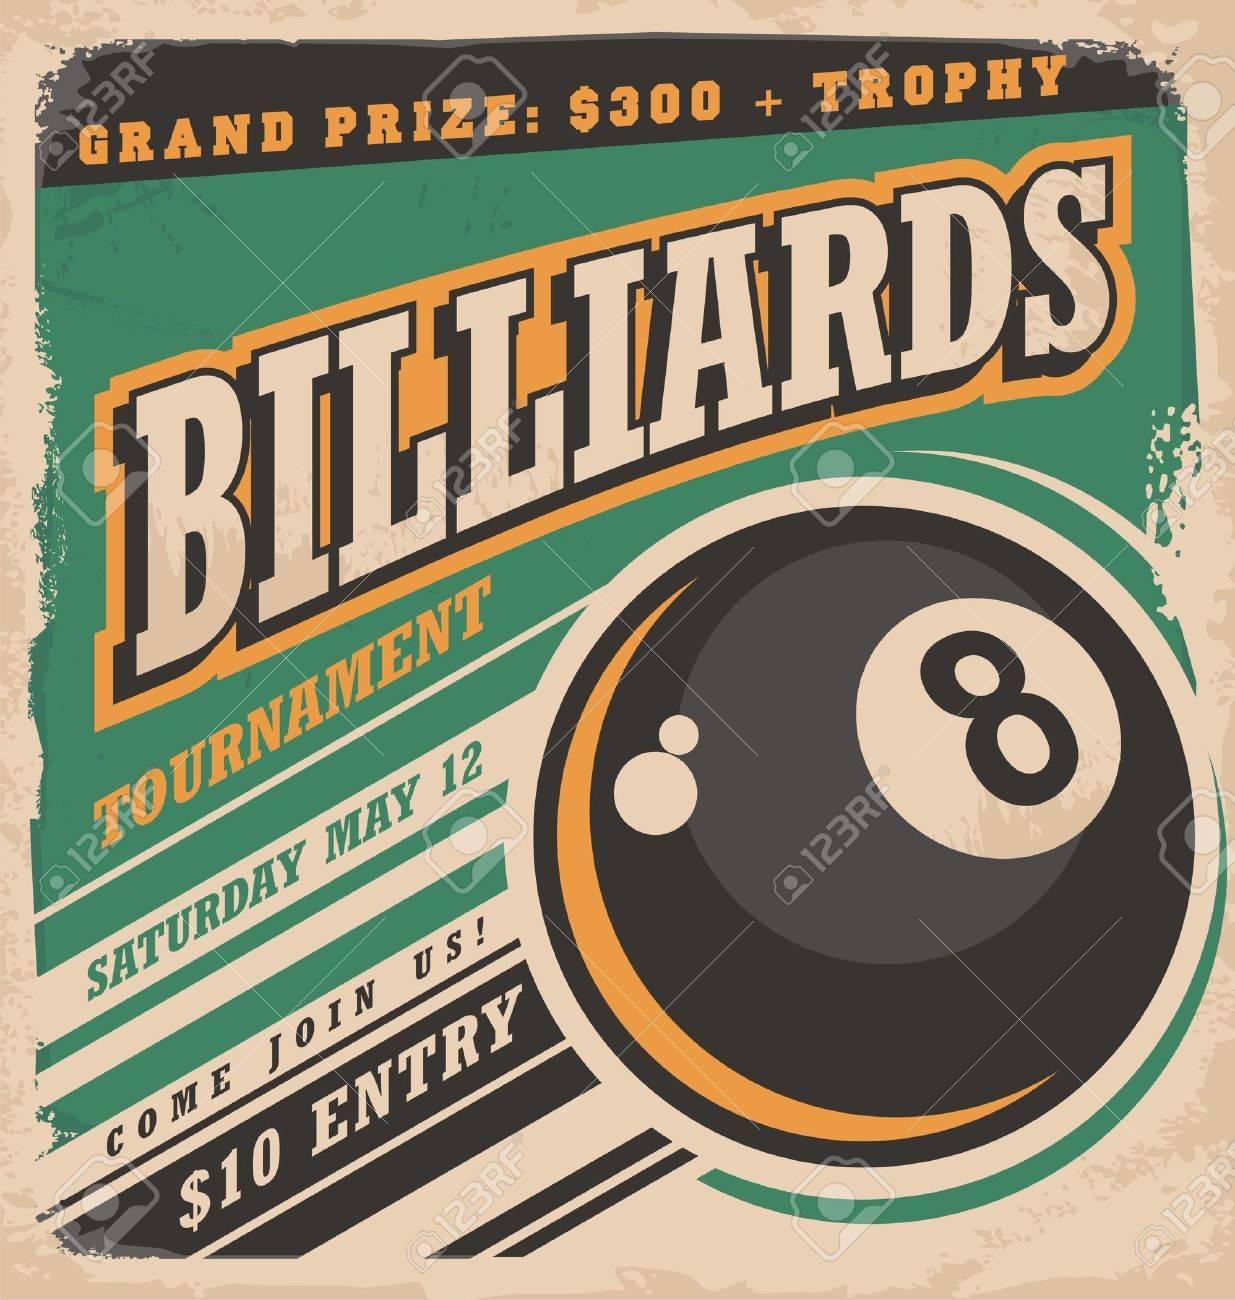 conception de l'affiche Retro pour le billard tournoi Banque d'images - 46909123